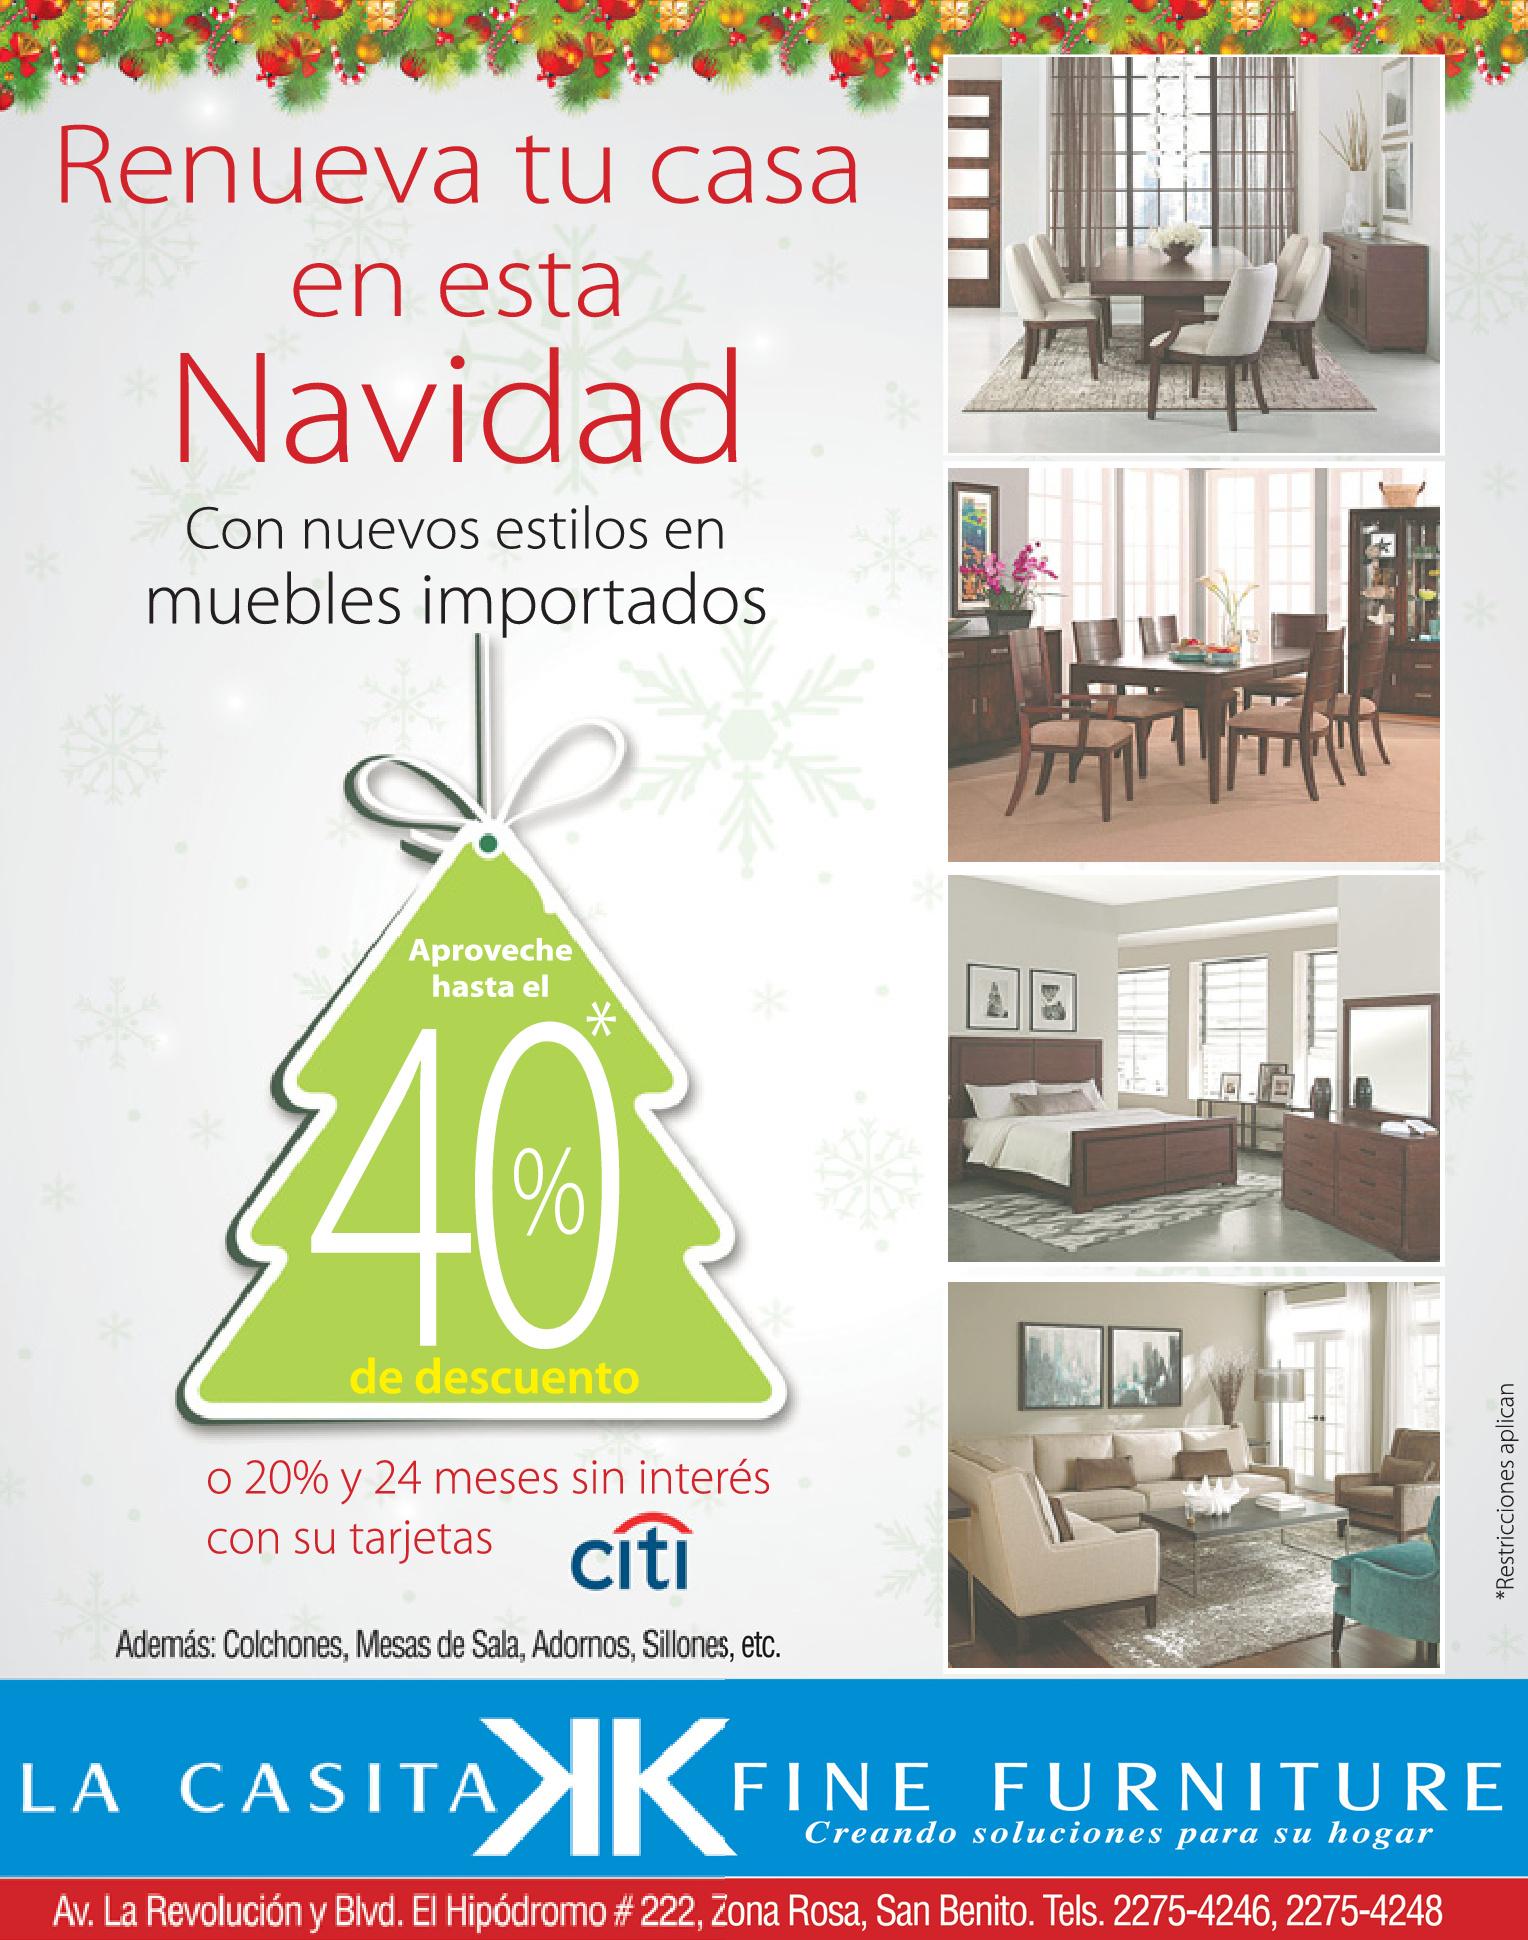 Renueva tu casa en navidad la casita fine furniture - La casa de la navidad ...